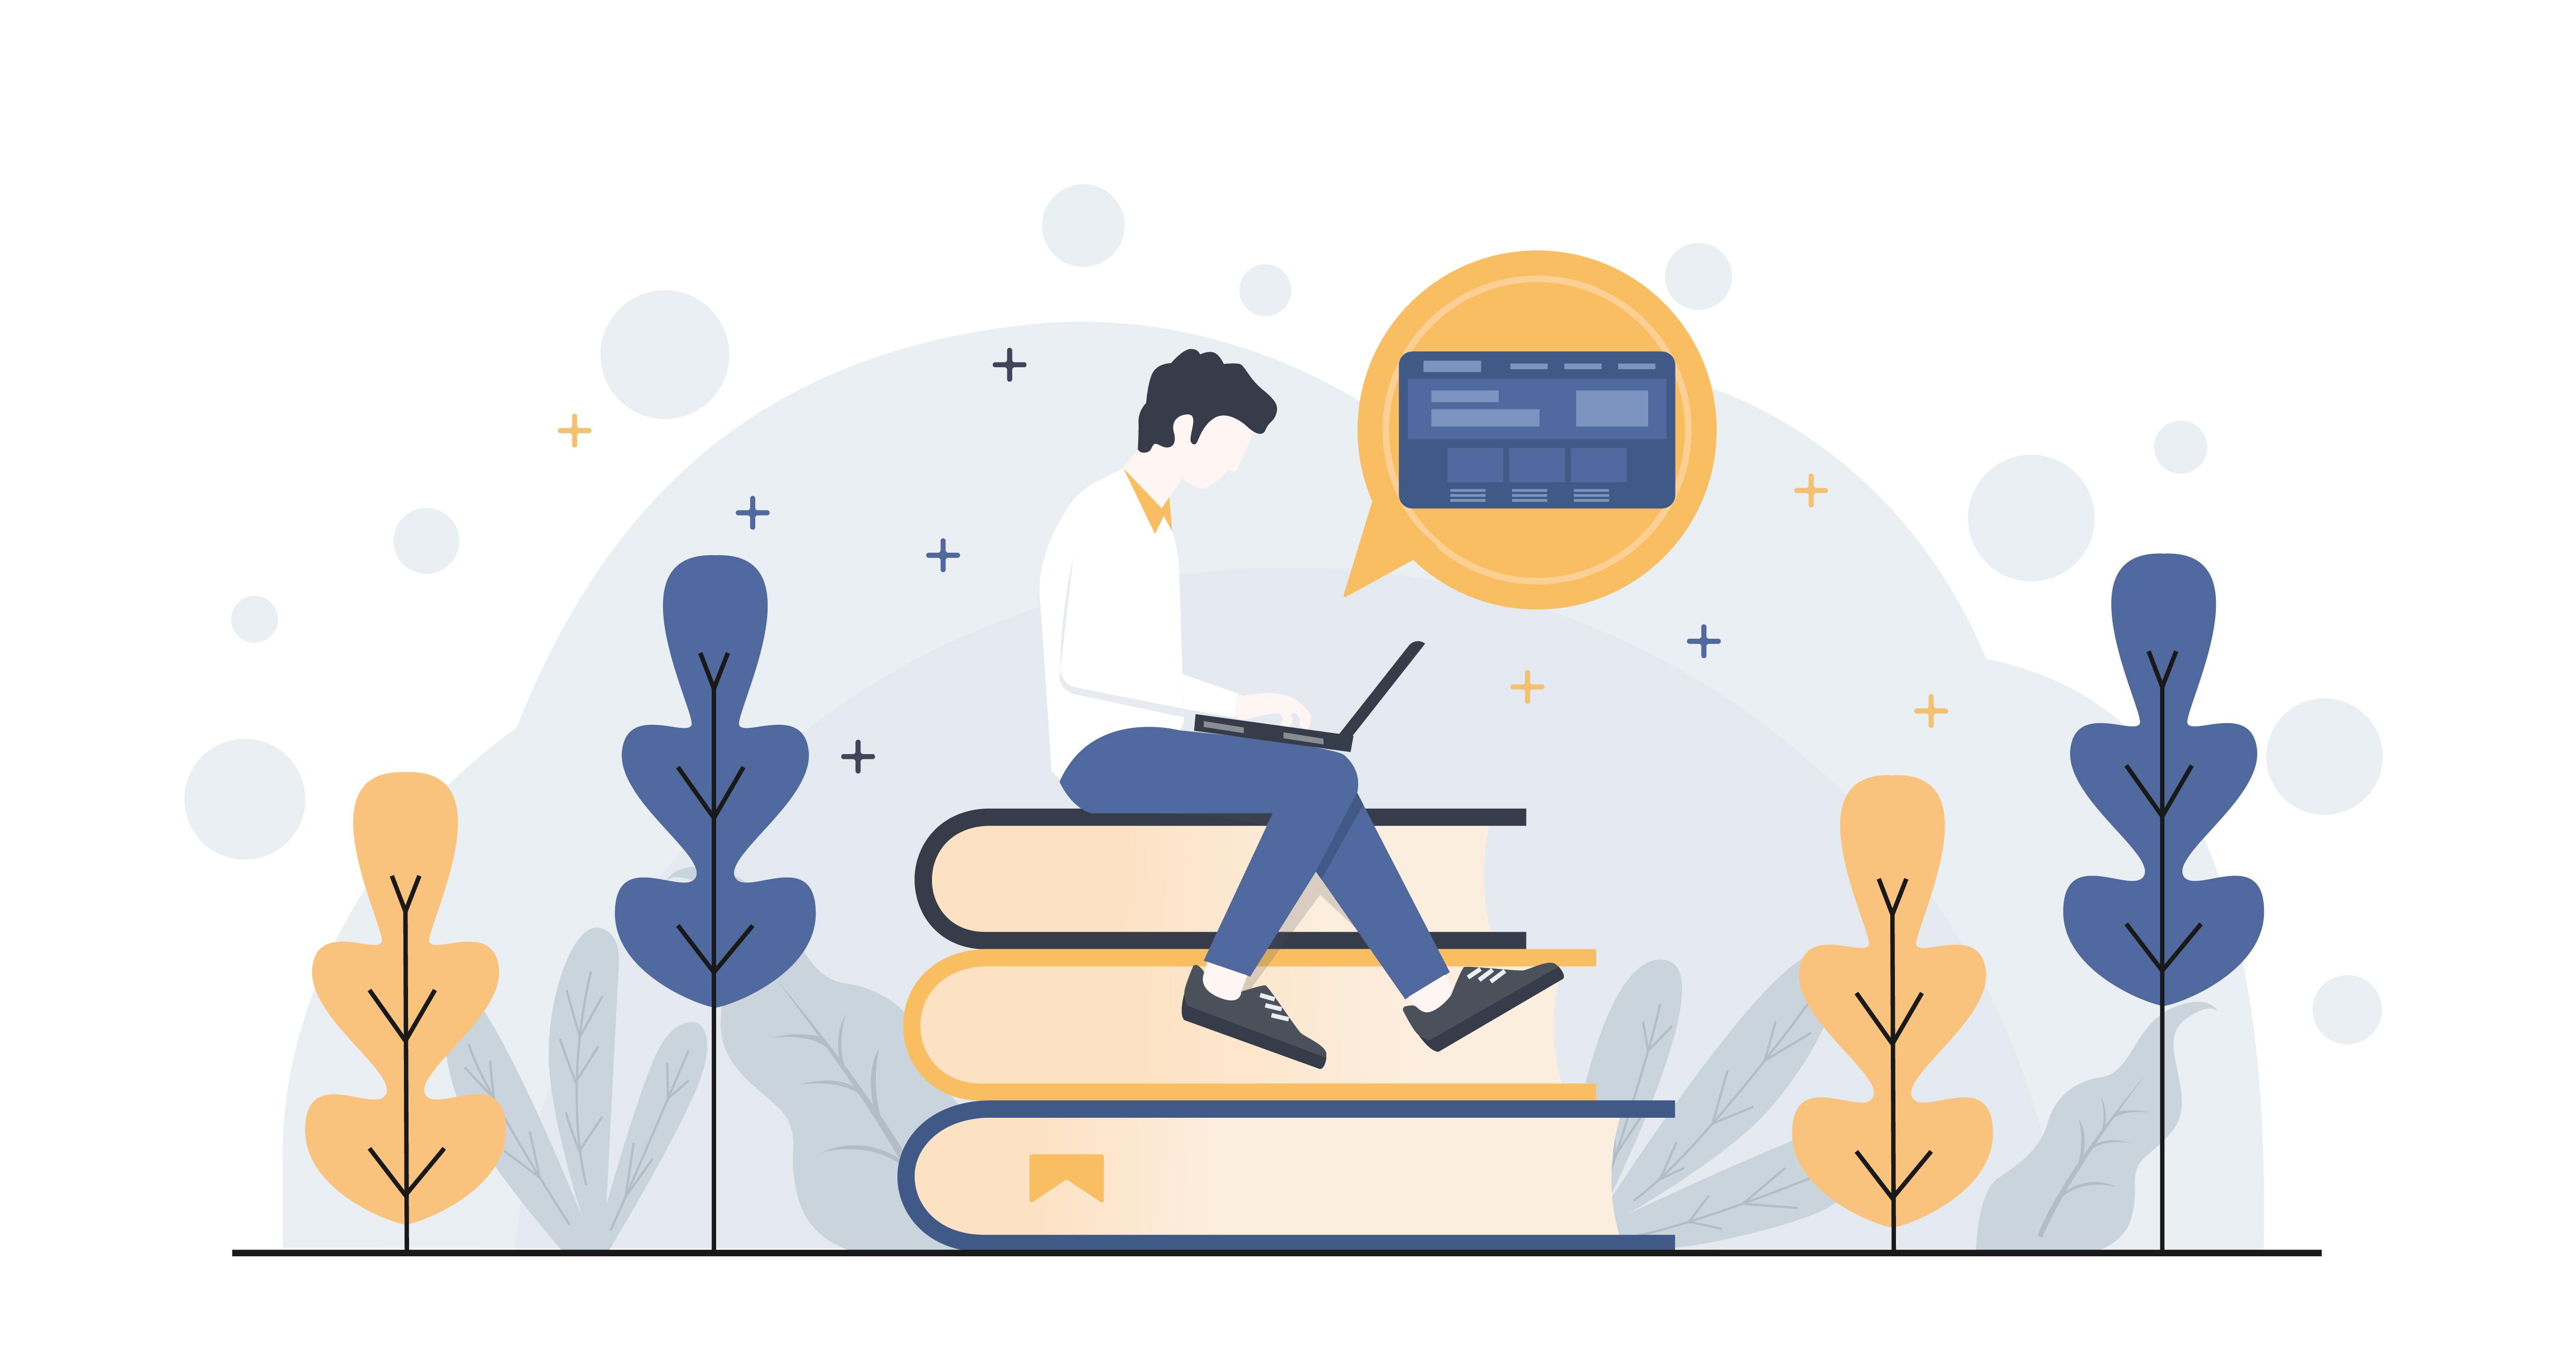 Google Analytics: How to Evaluate Behavior Reports